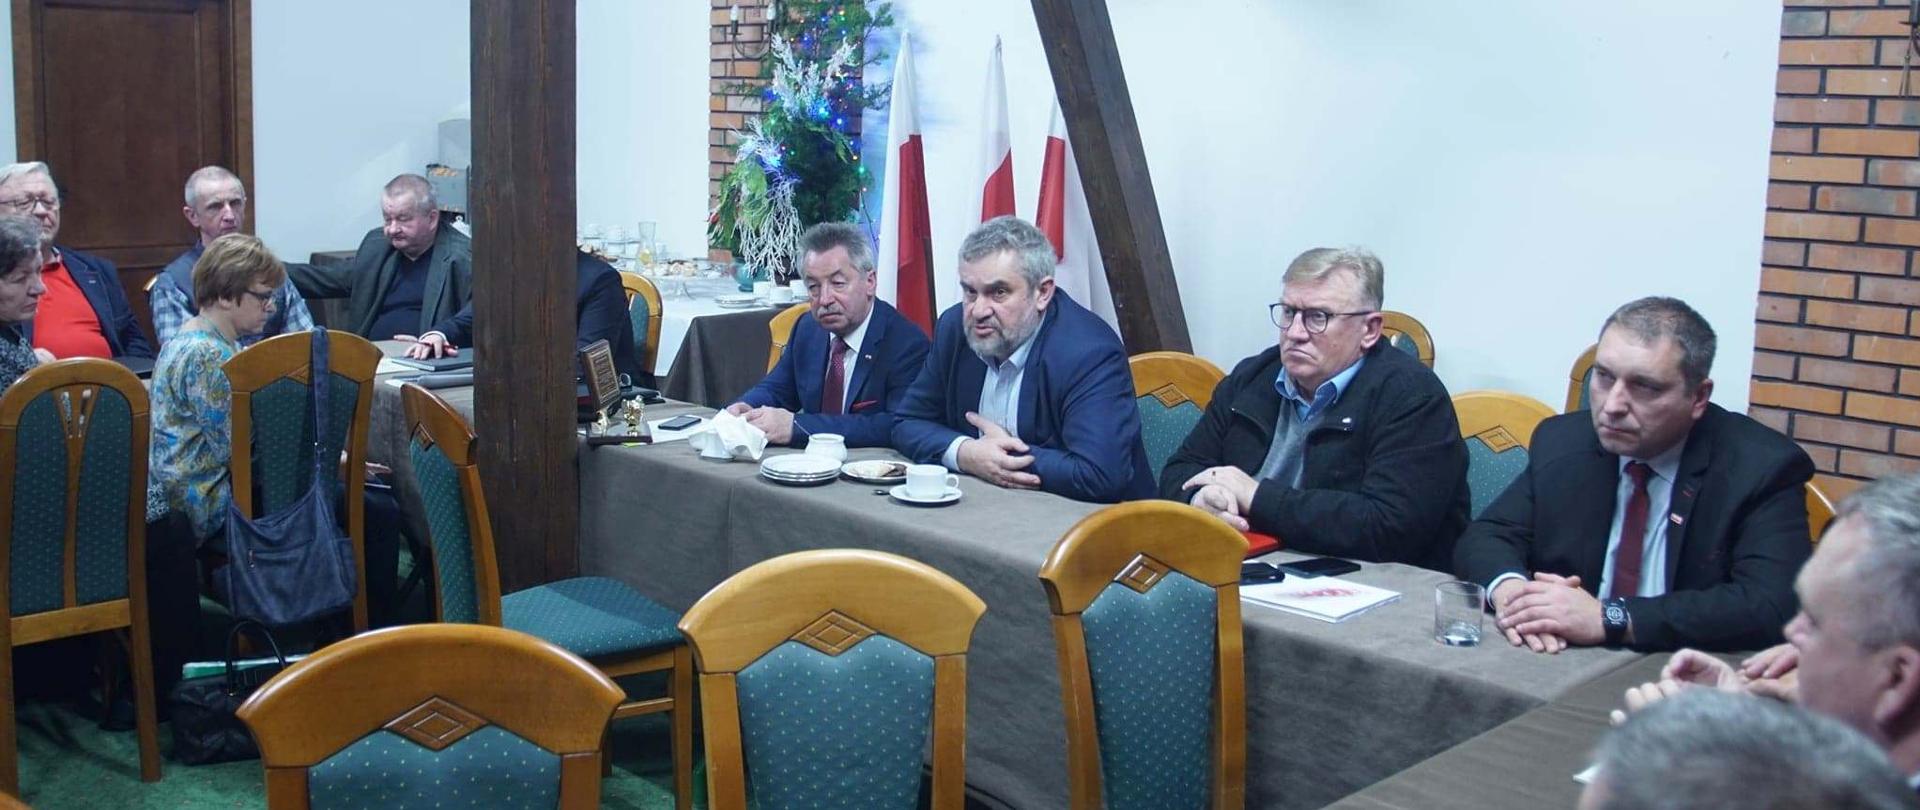 Spotkanie z Sekretariatem Rolnictwa NSZZ Solidarność